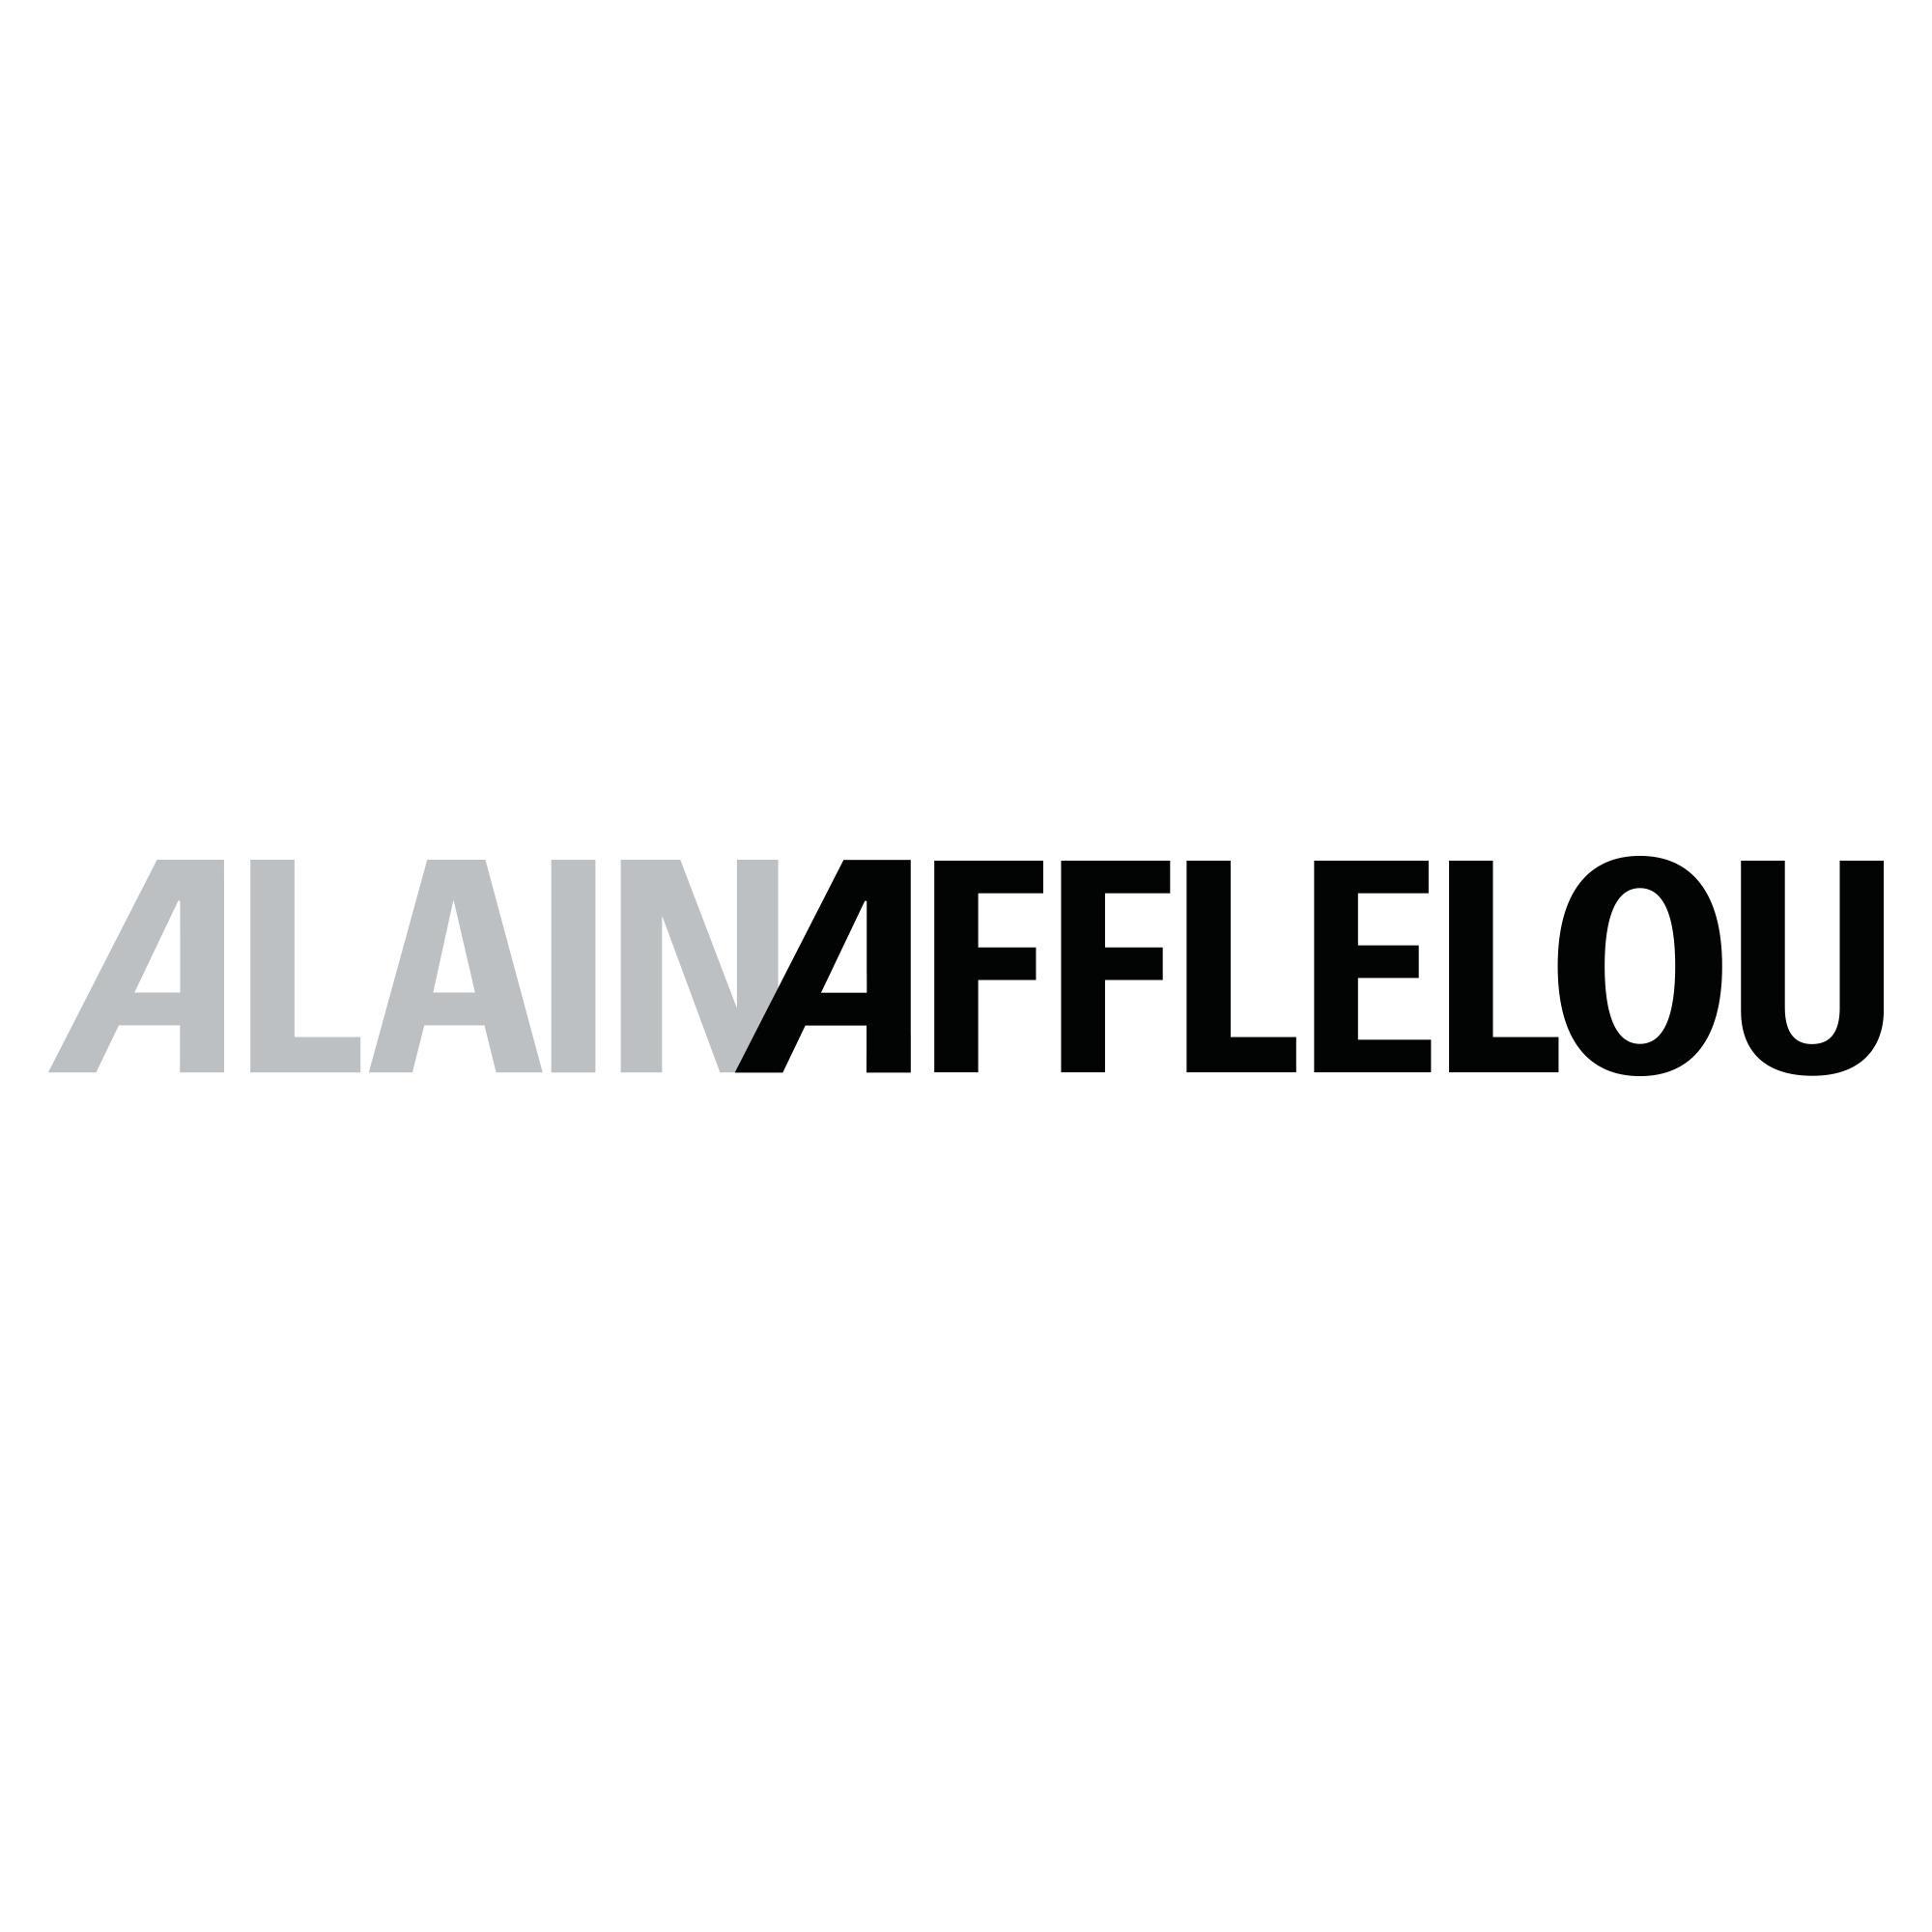 Bons plans Alain Afflelou ⇒ Deals pour février 2019 - Dealabs.com 06356ccef236